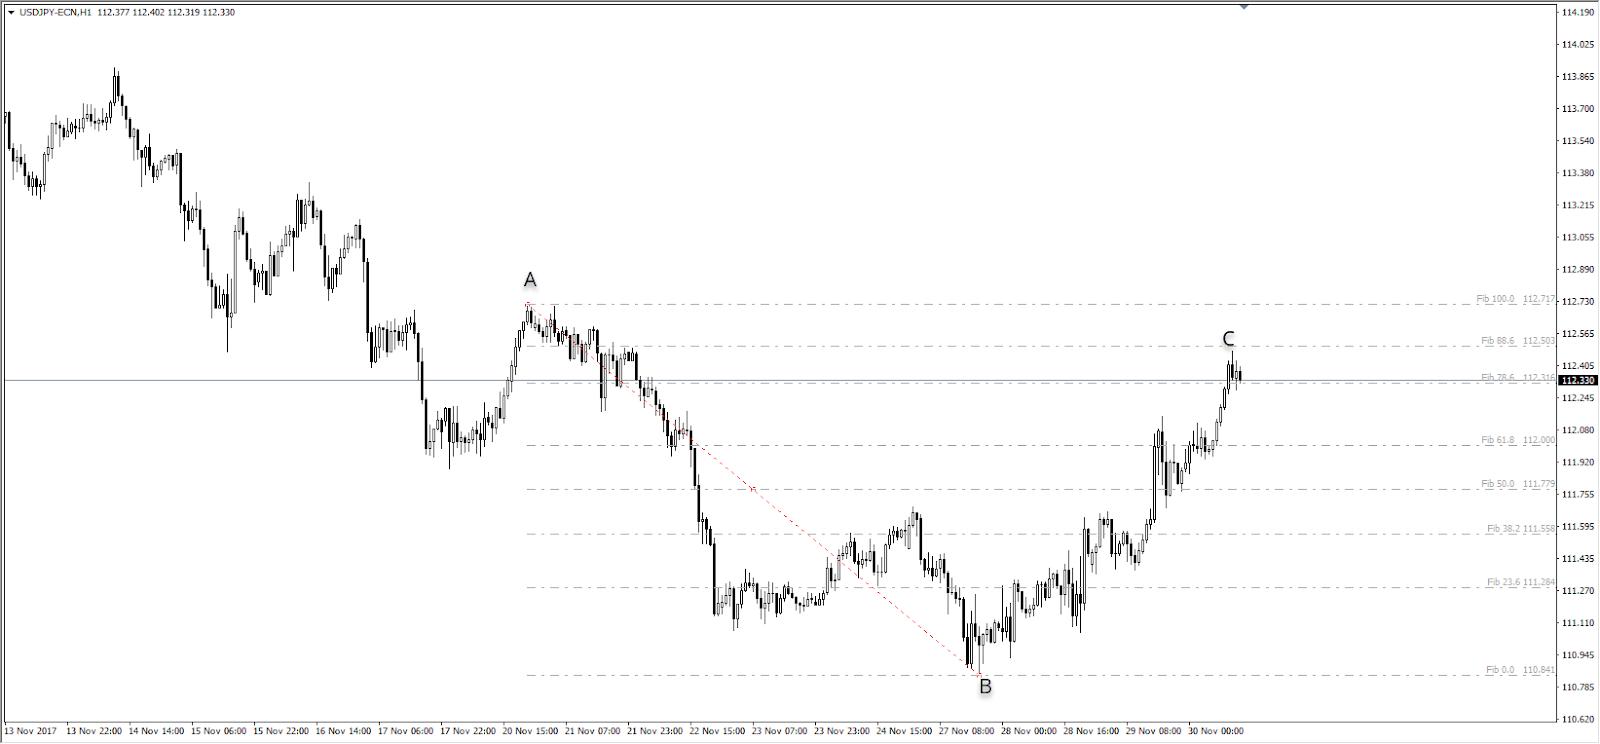 Soportes y resistencias- gráfico USD / JPY H1, Admiral Markets MT4